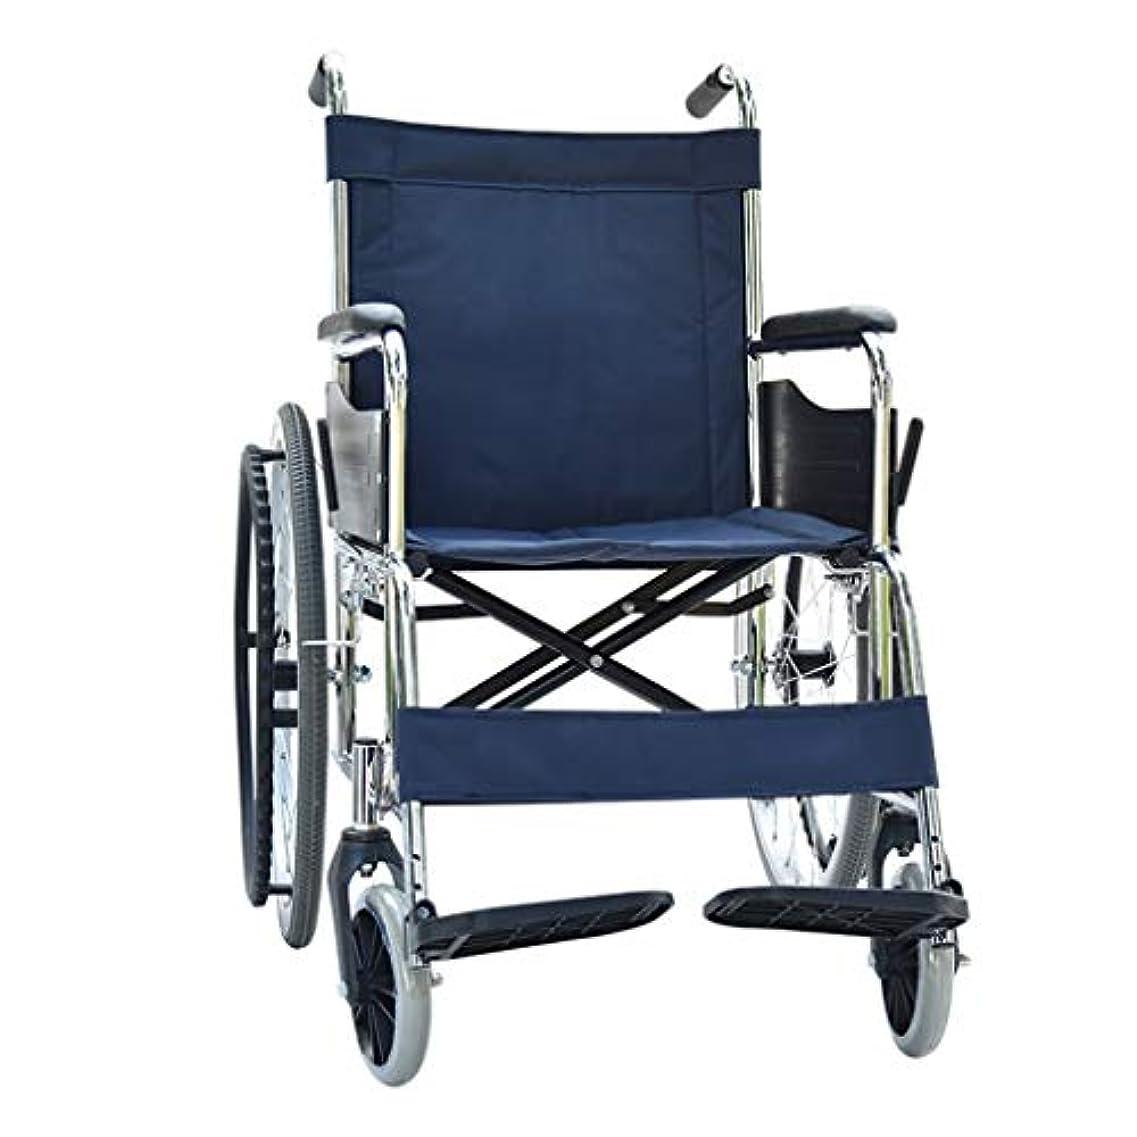 レースこする小説家車椅子折りたたみ式、高齢者、障害者用トロリー、調節可能なフットペダル、リアストレージバッグデザイン